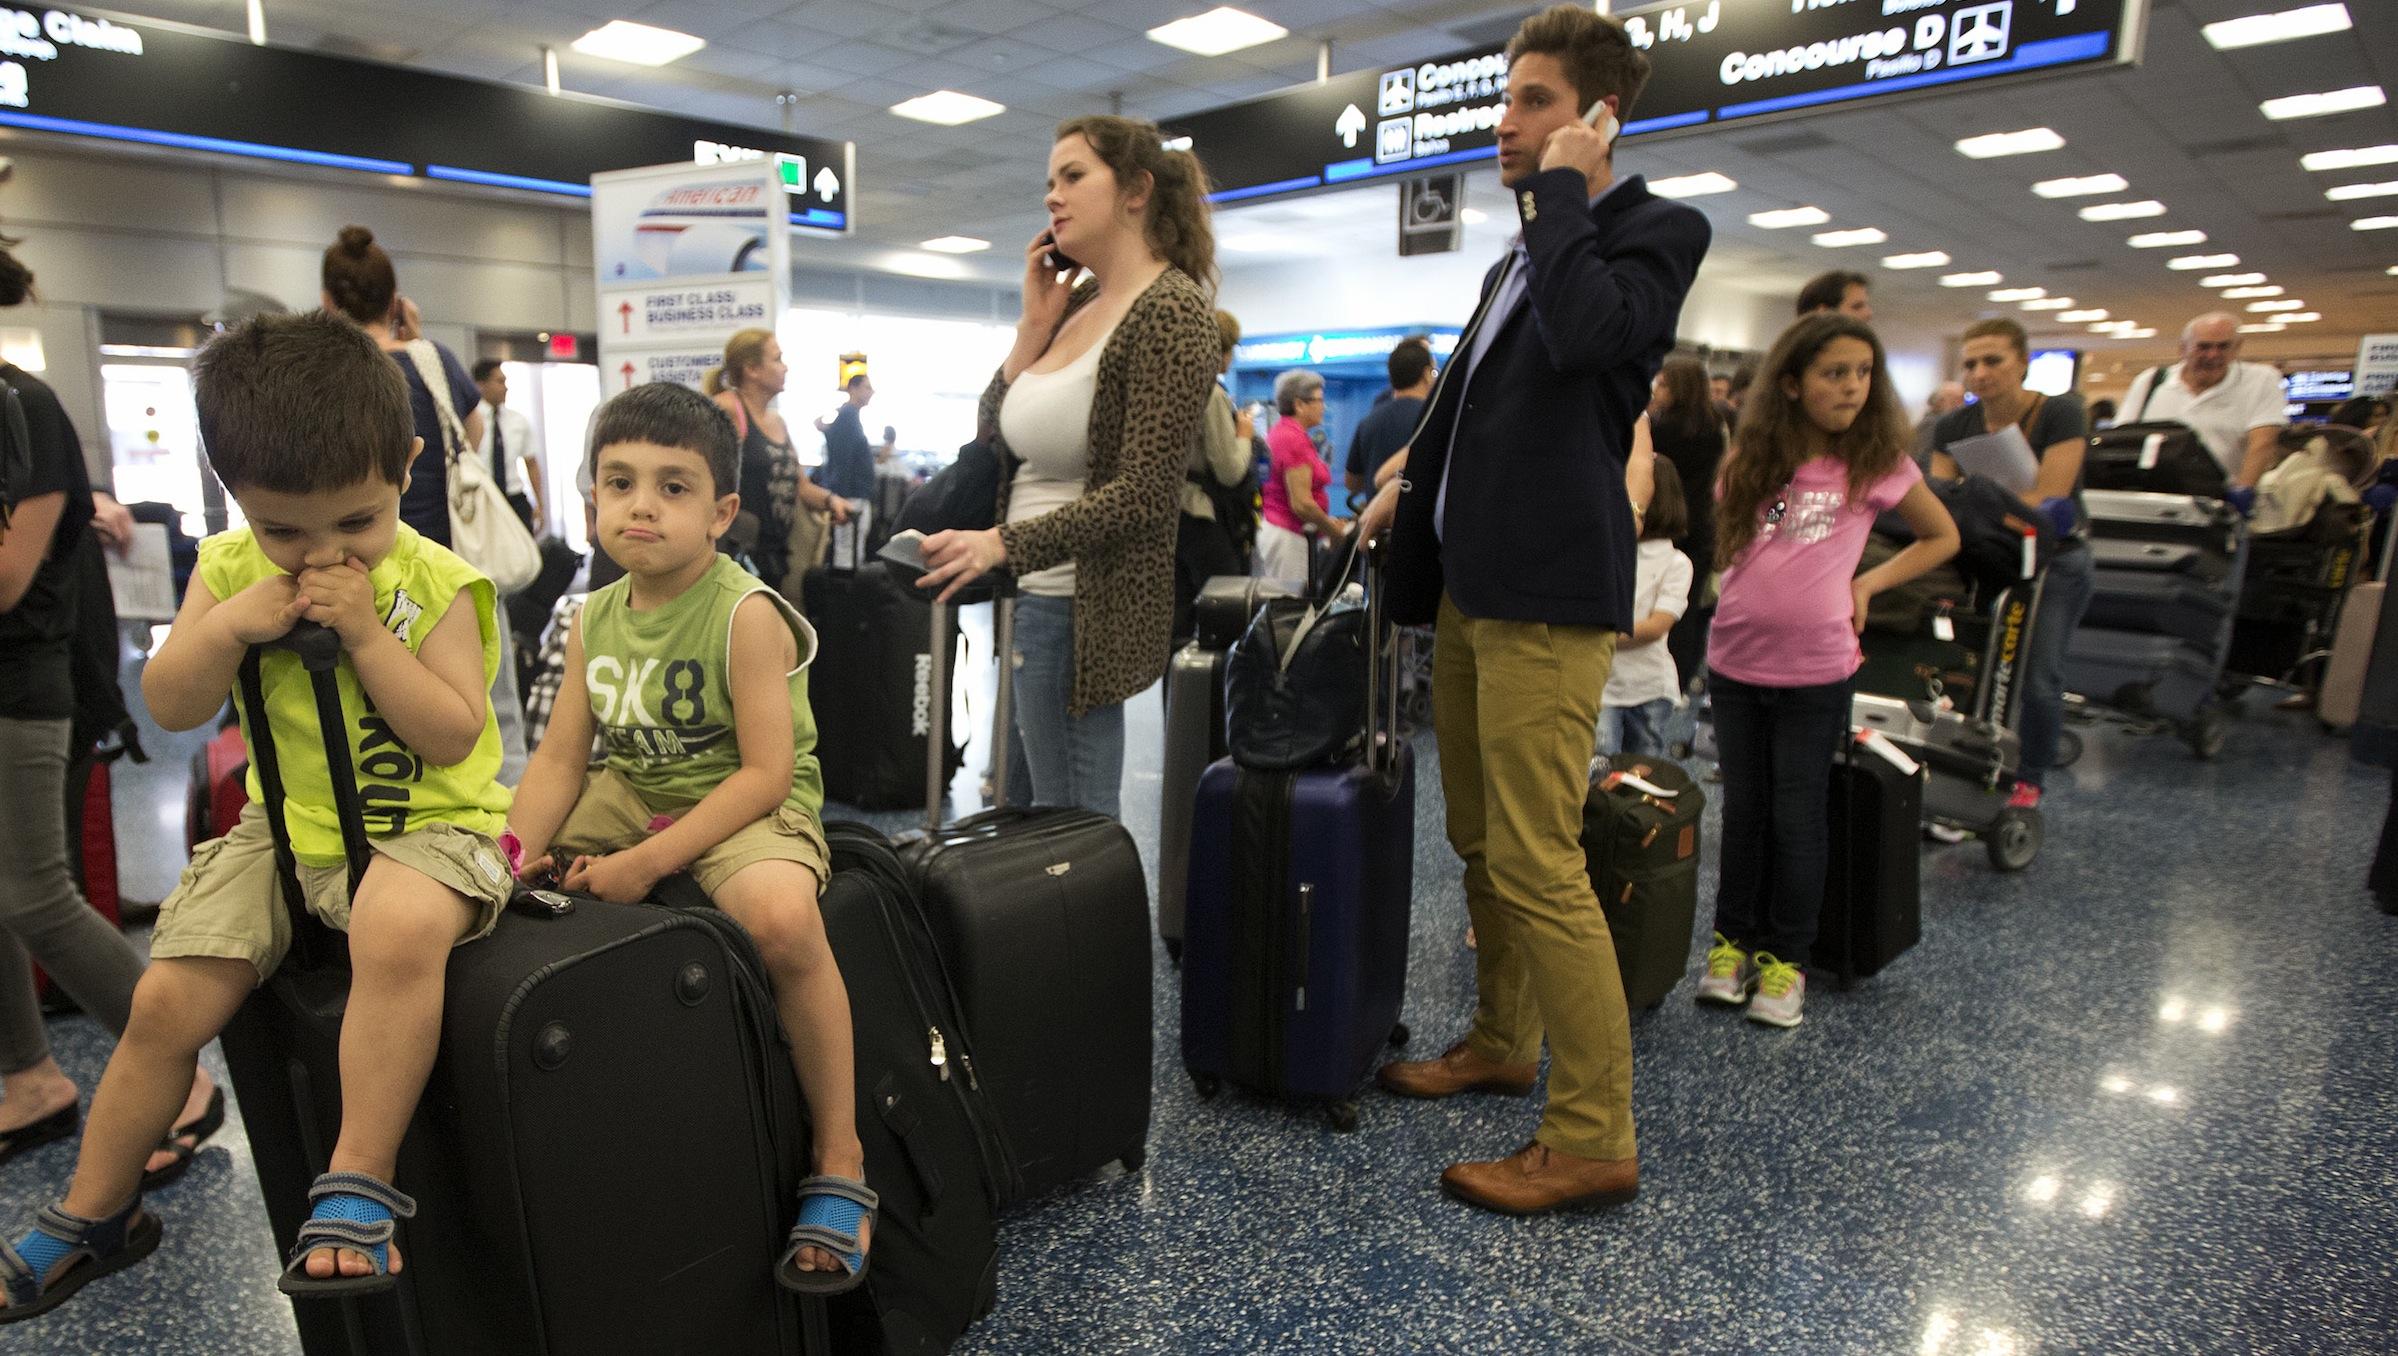 Congress flight delays